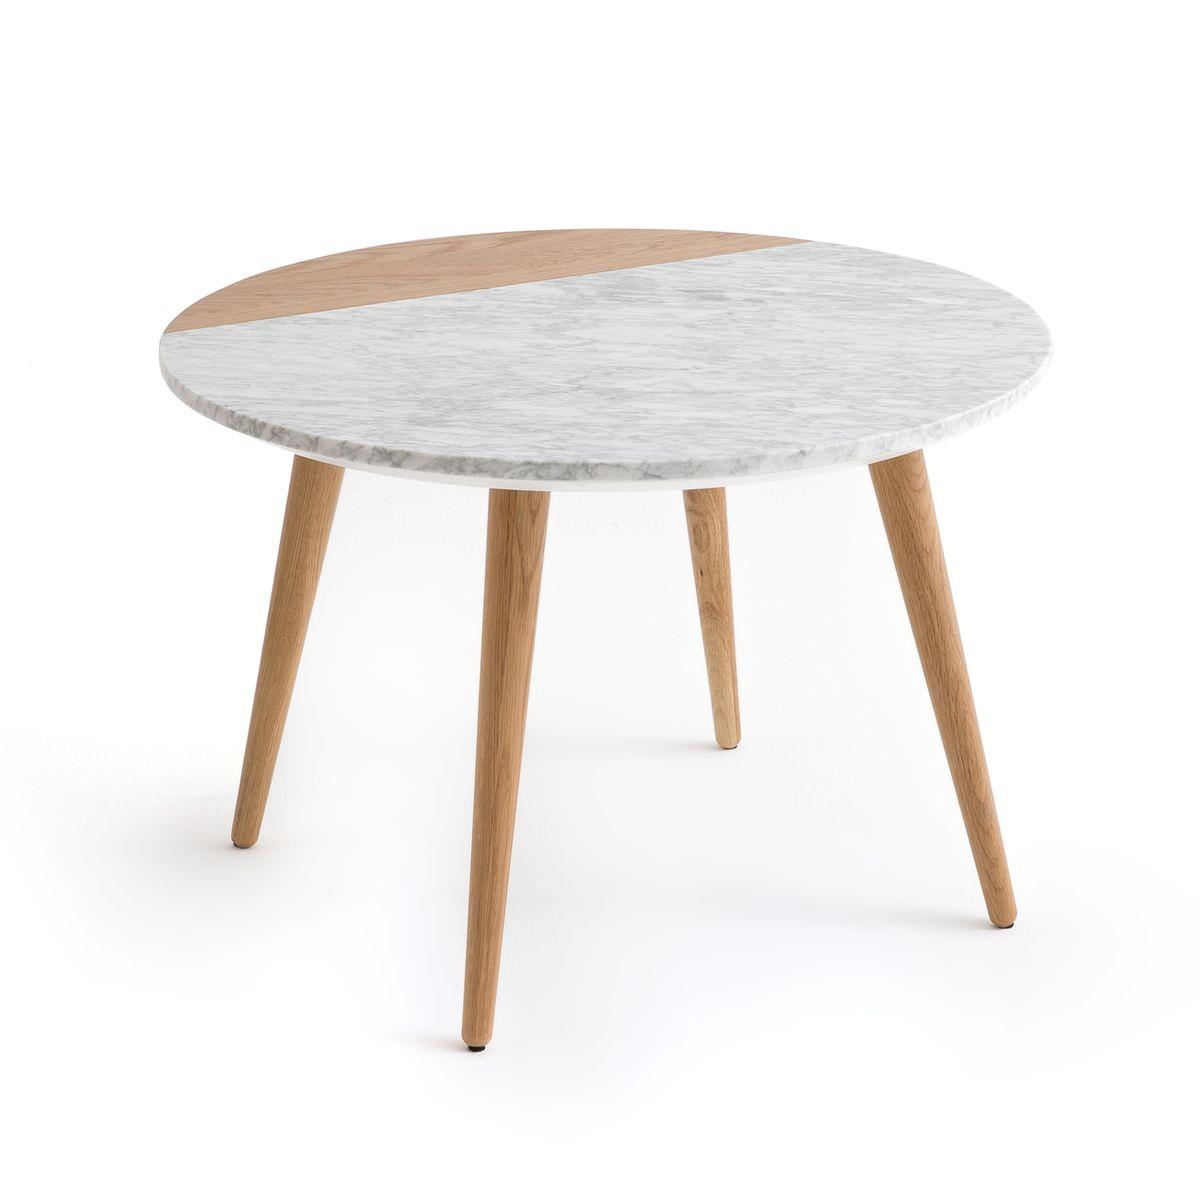 Table Basse Plateau Marbre Blanc Et Chene Crueso Taille Taille Unique Table Basse Table Basse Marbre Et Marbre Blanc